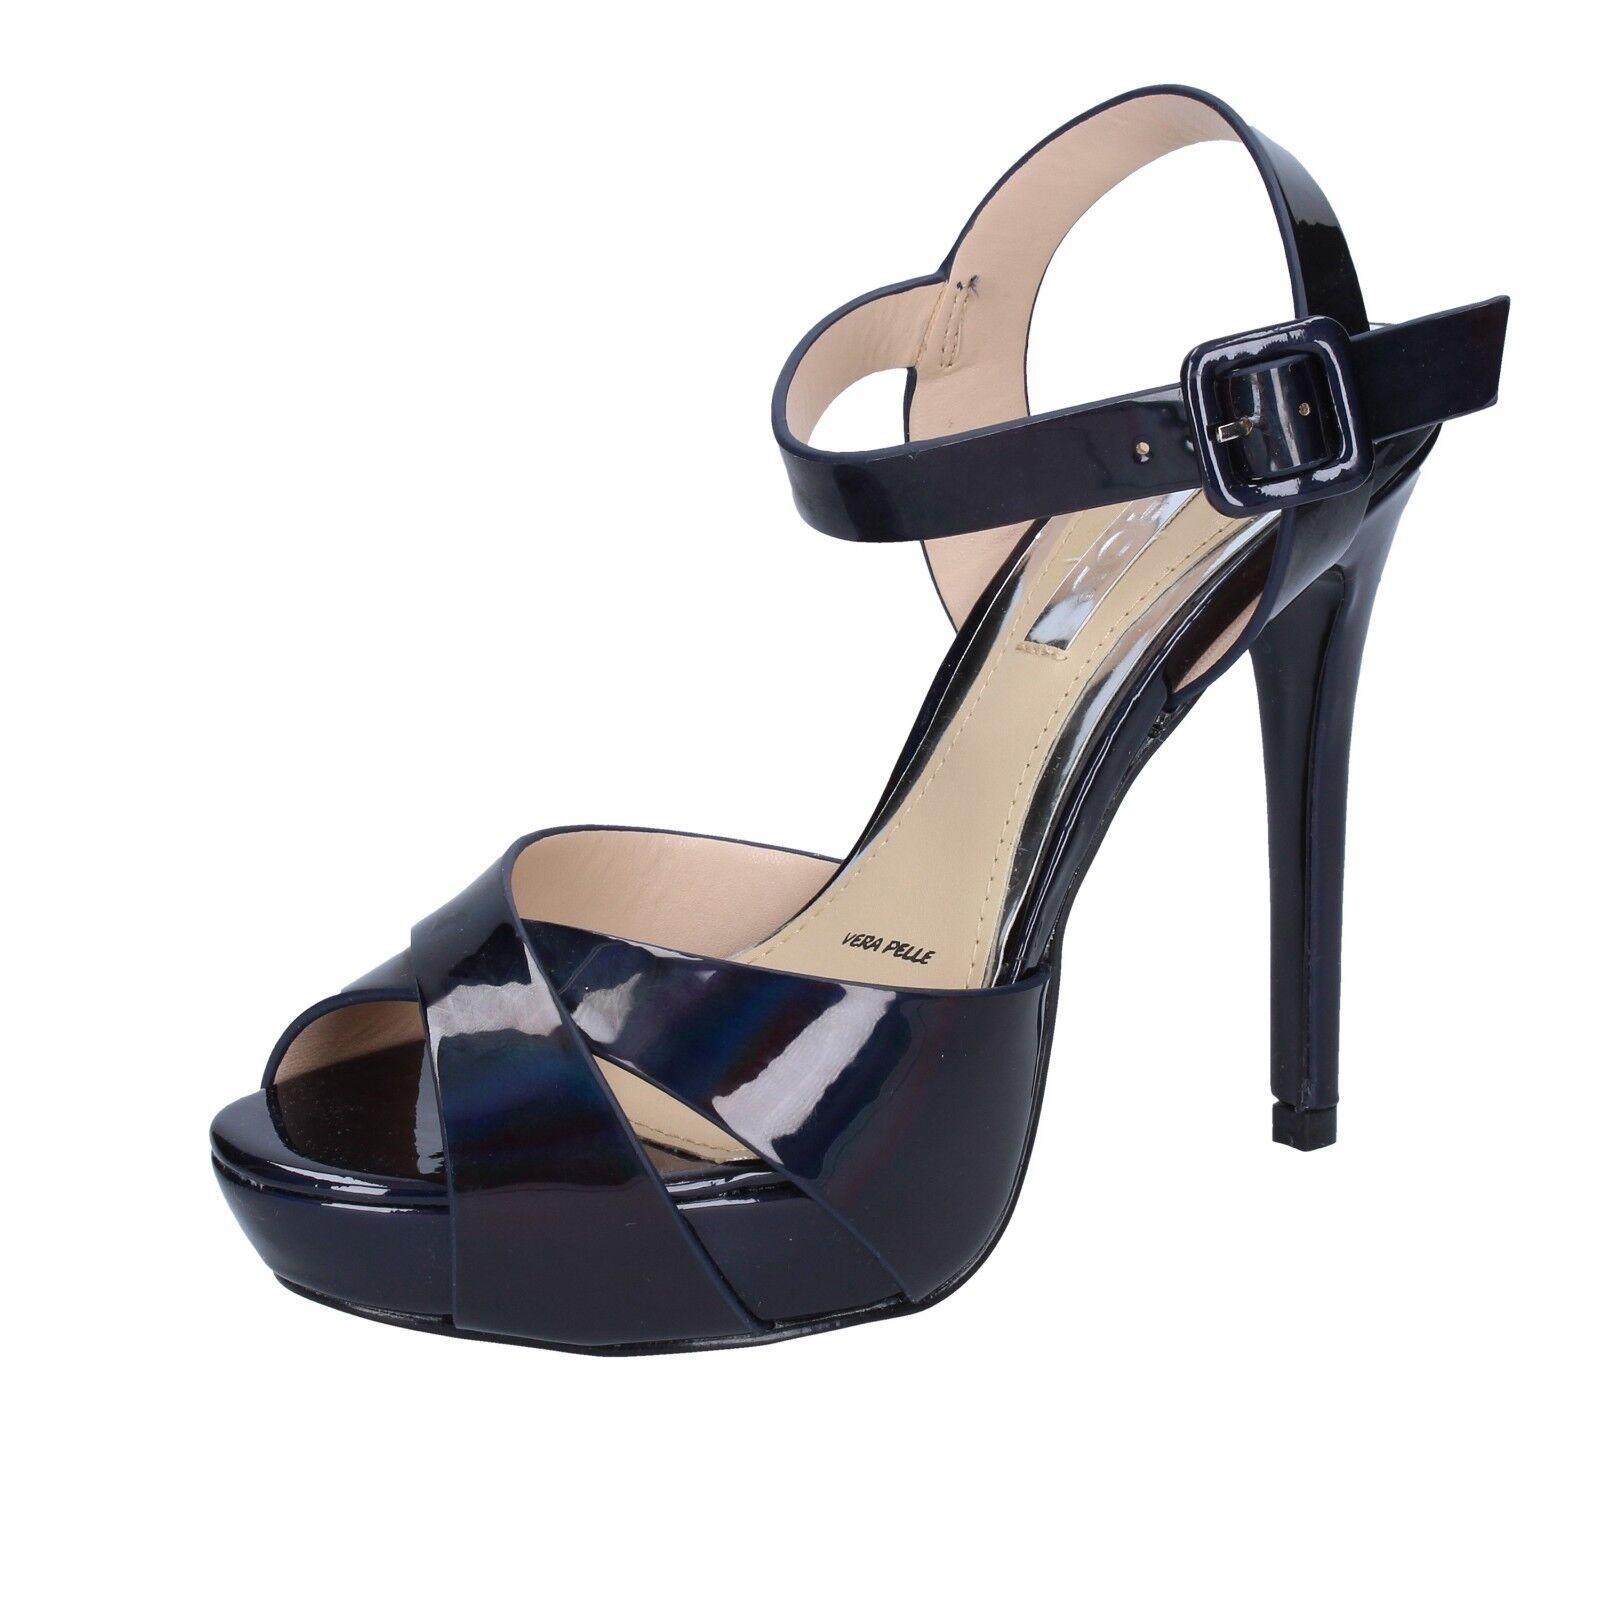 Damen schuhe IKAROS 36 EU sandalen blau lack BT756-36